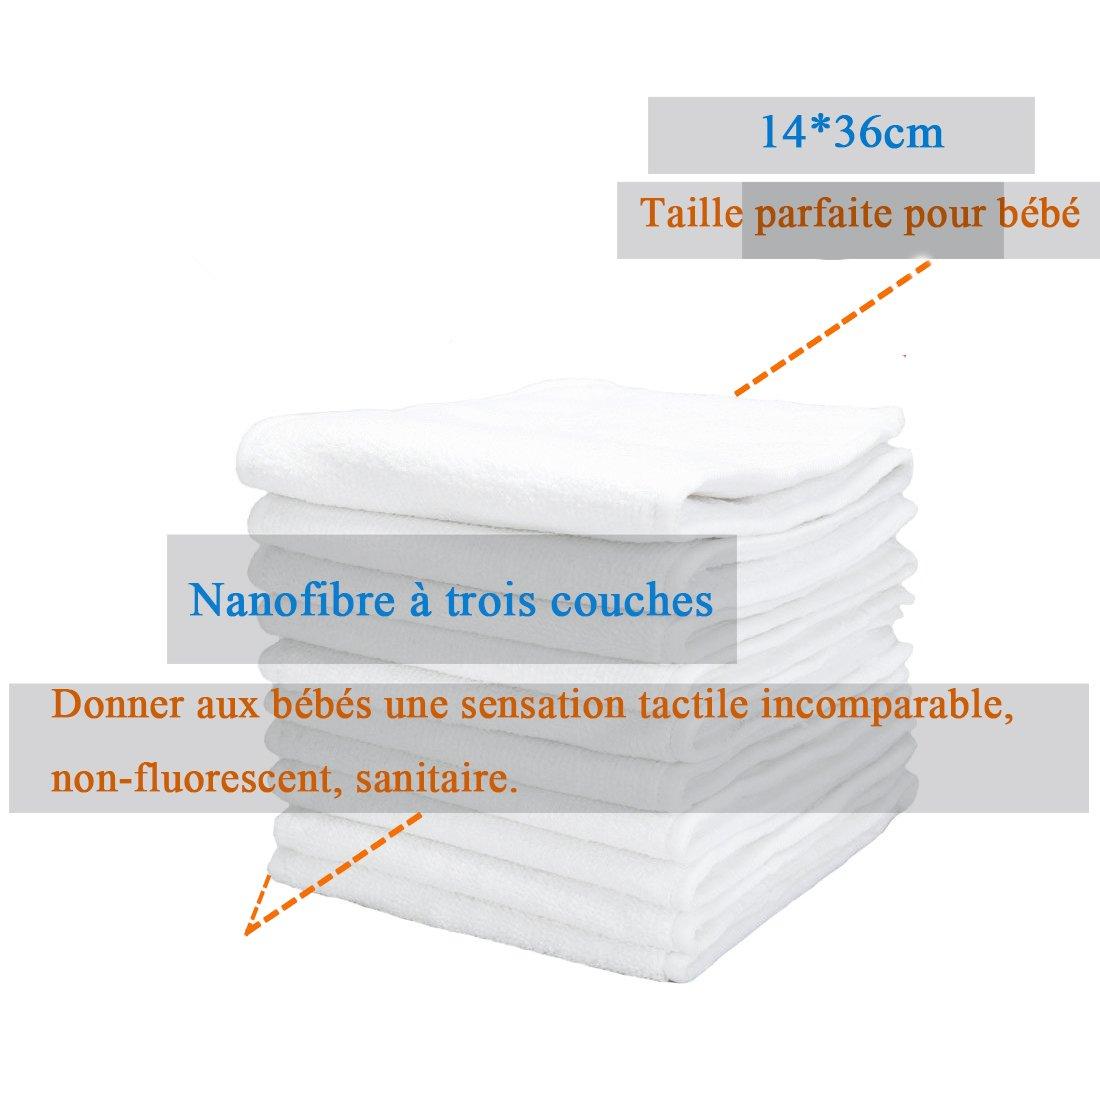 Ajustable+12*Inserts+1*Sac Portable IMMIGOO/® Taille Unique en Nanom/ètre-microfibre Imperm/éable Waterproof R/éutilisable Lot de 25 Pi/èces=12*COUCHES LAVABLES B/éb/é 3-13kg